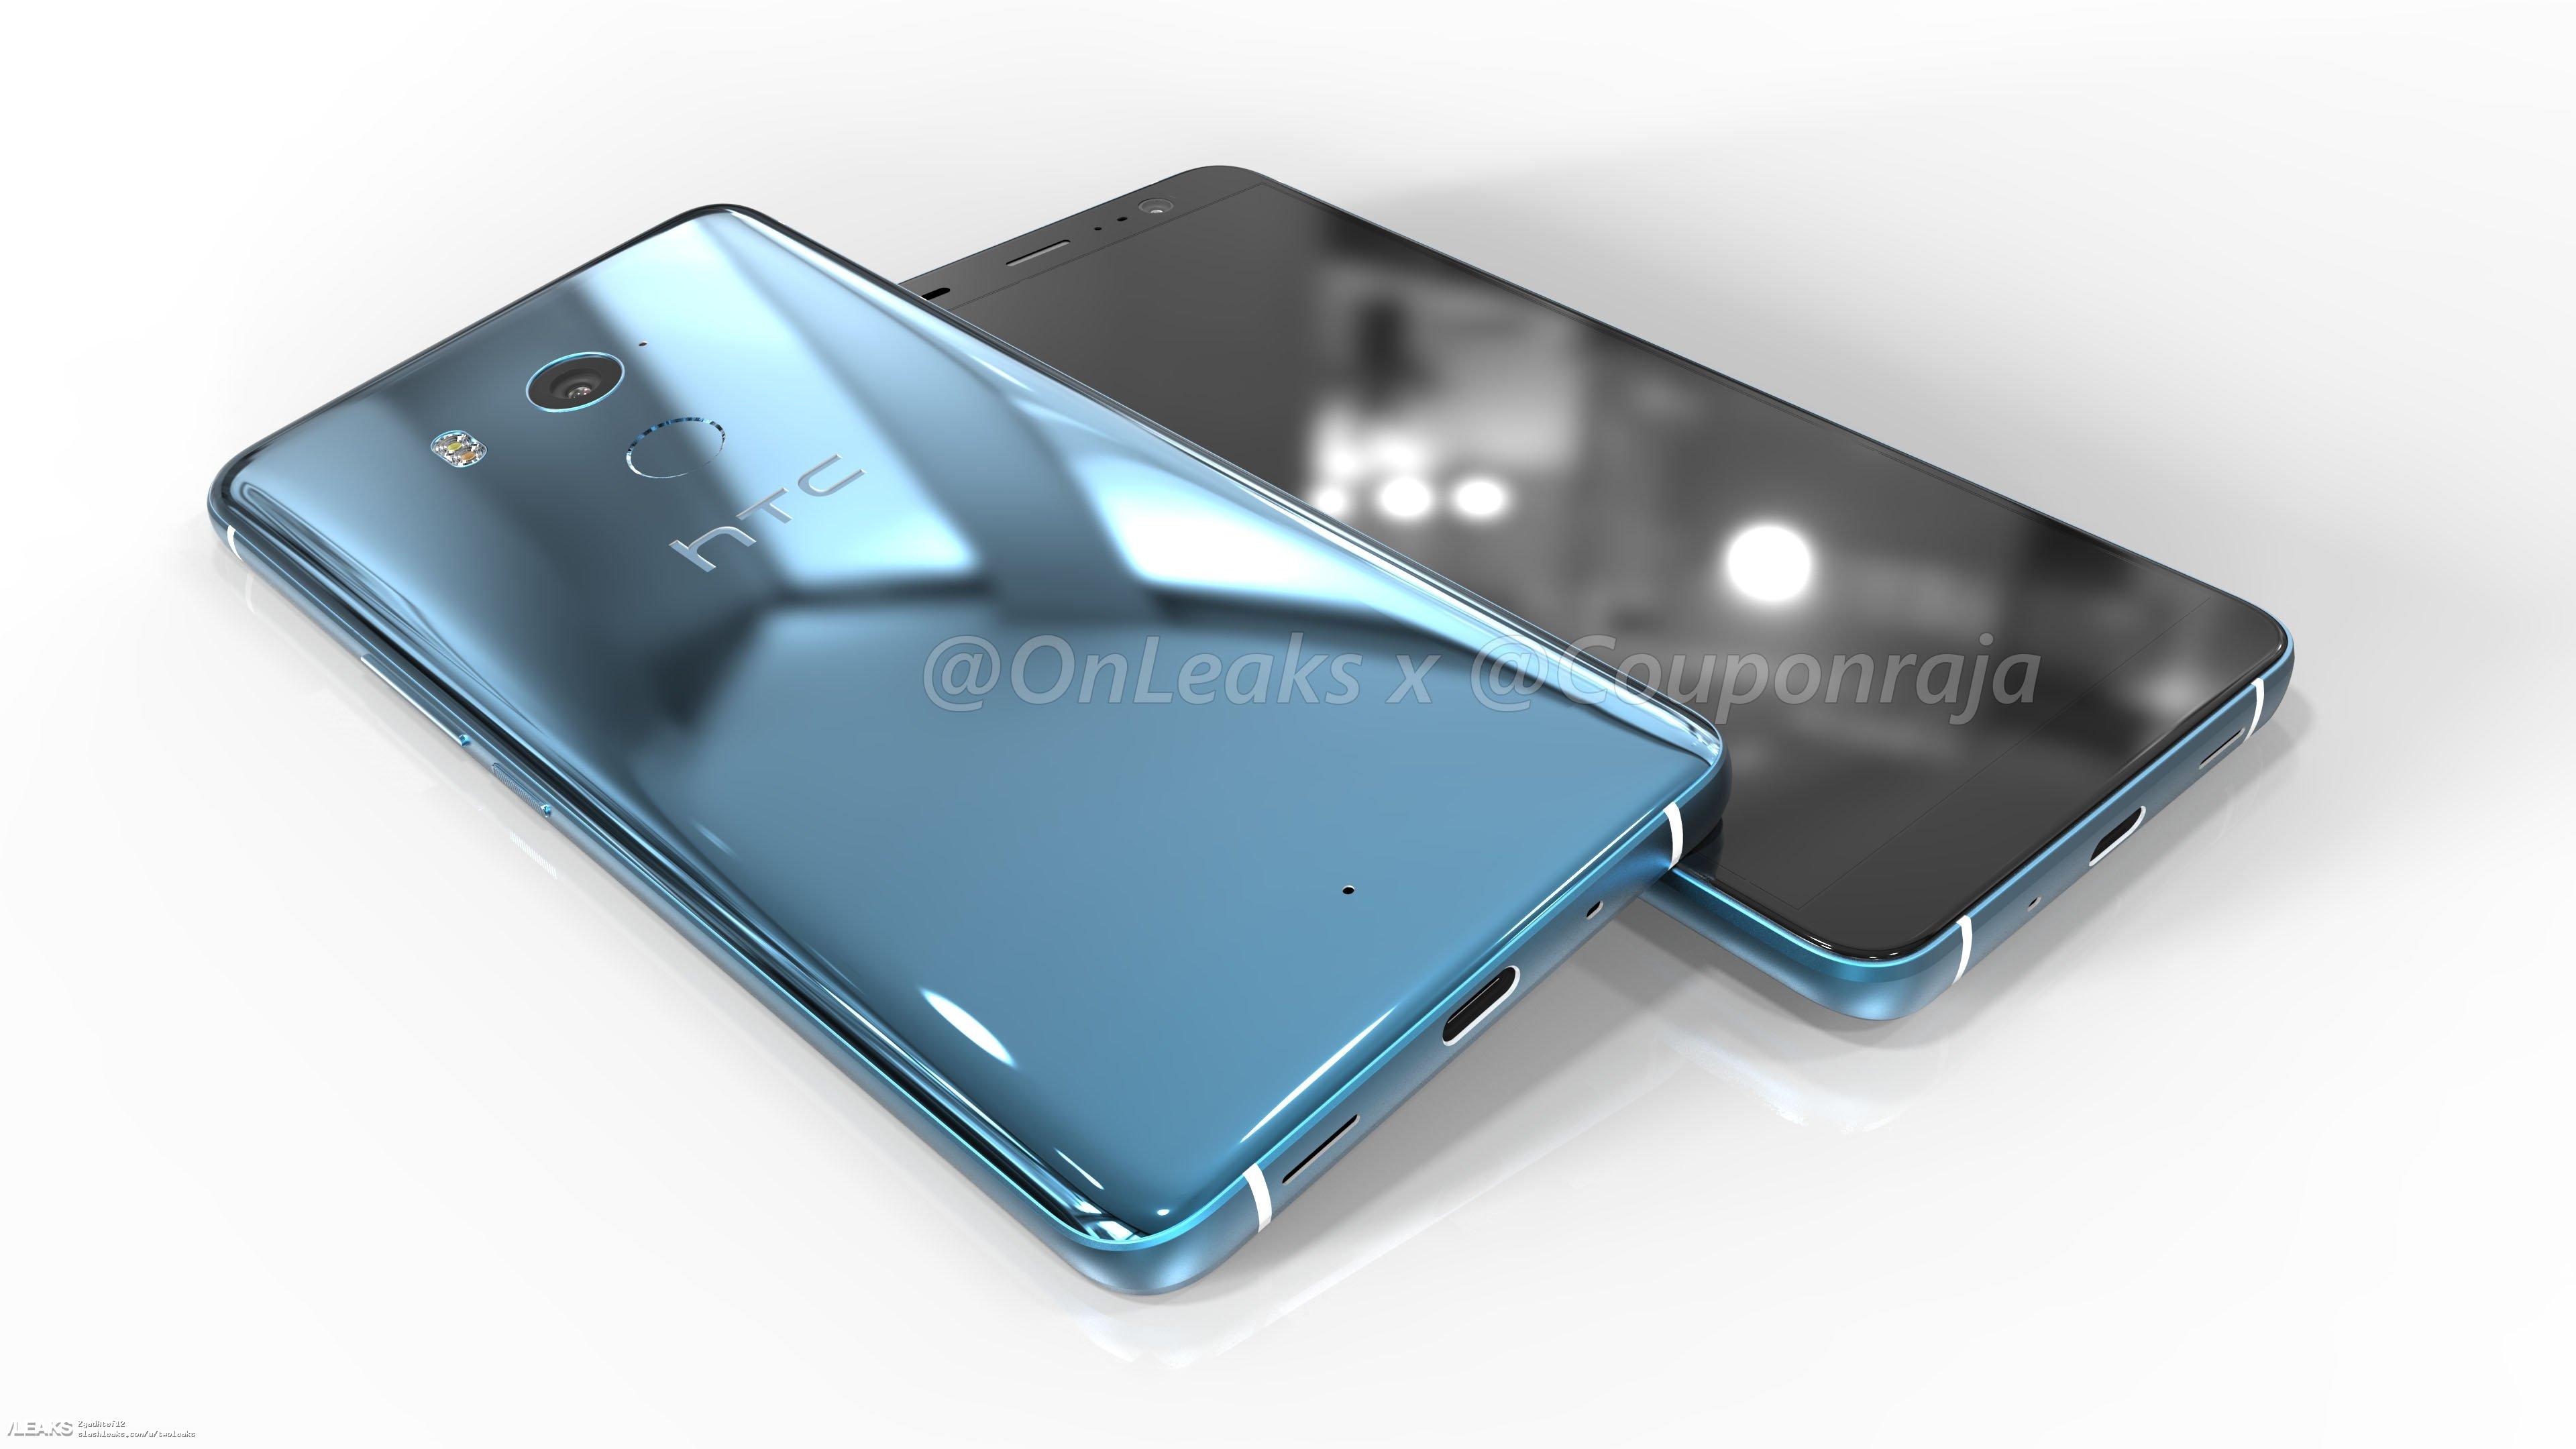 img HTC U11 Plus (Ocean Master) design revealed through 360-degree renders (@OnLeaks)